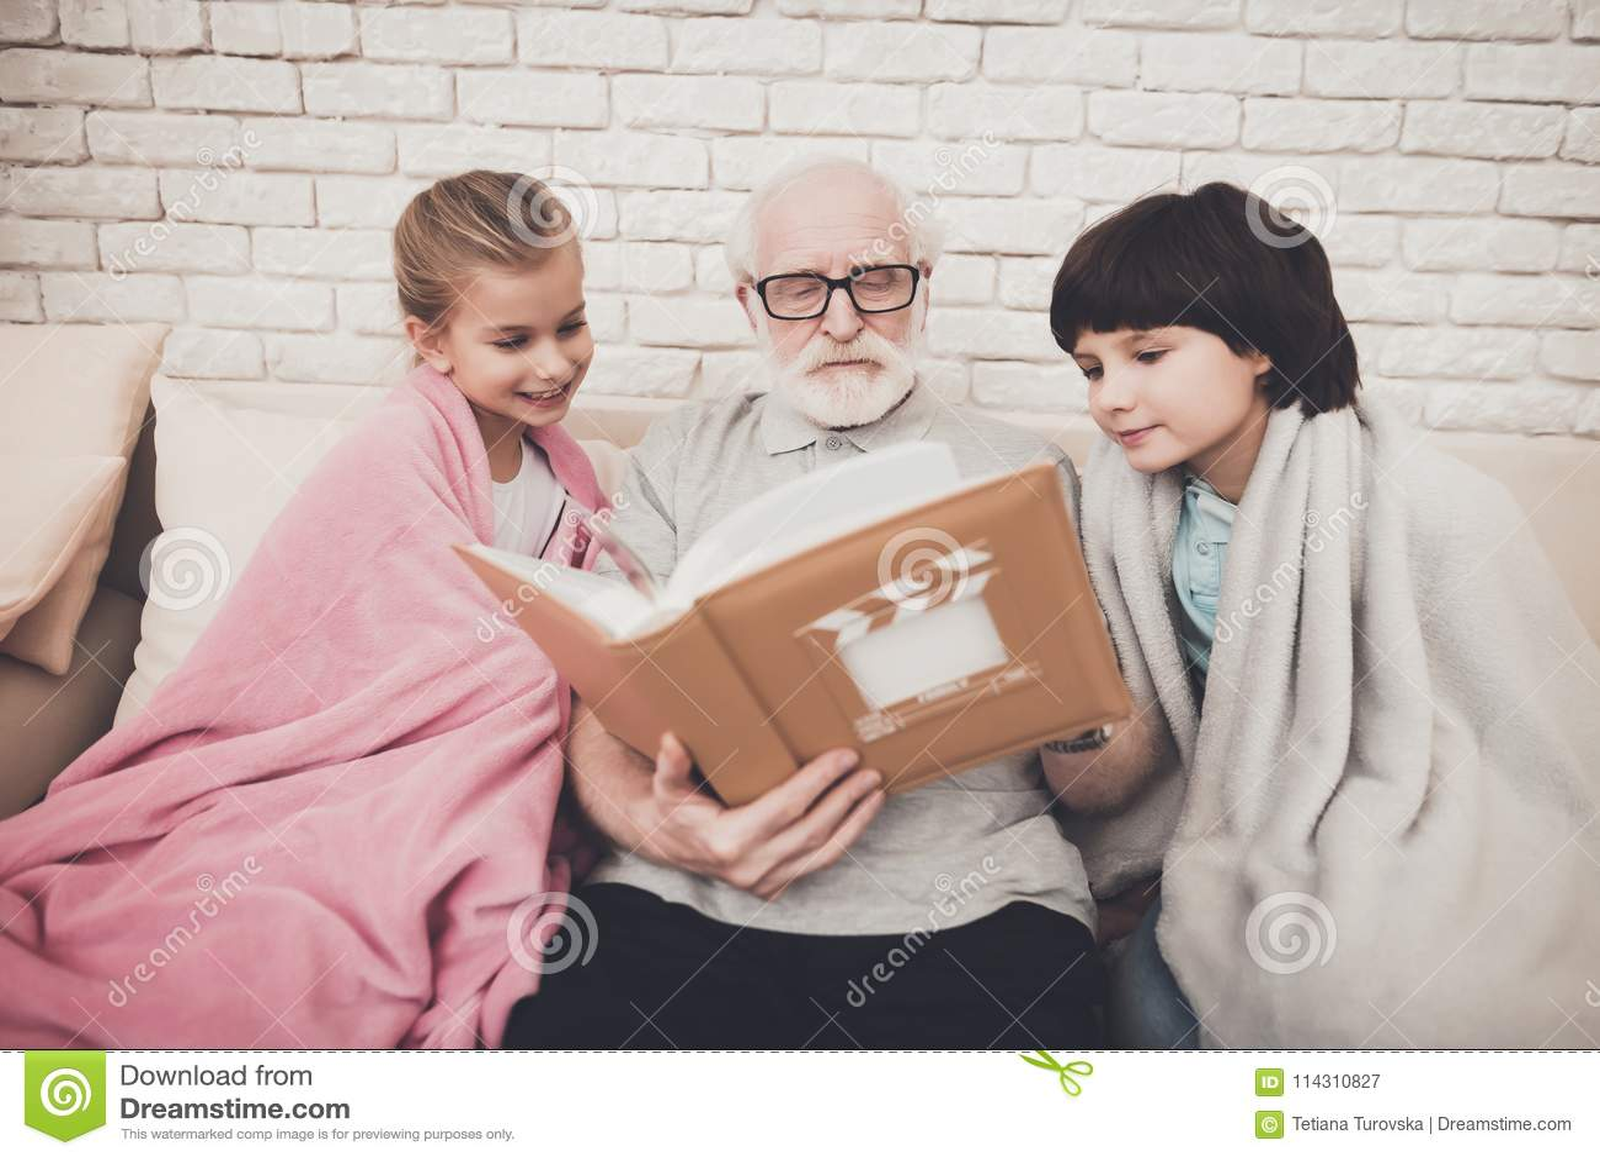 Großvater, Enkel und Enkelin zu Hause Großvater und Kinder passen Fotos im Album auf